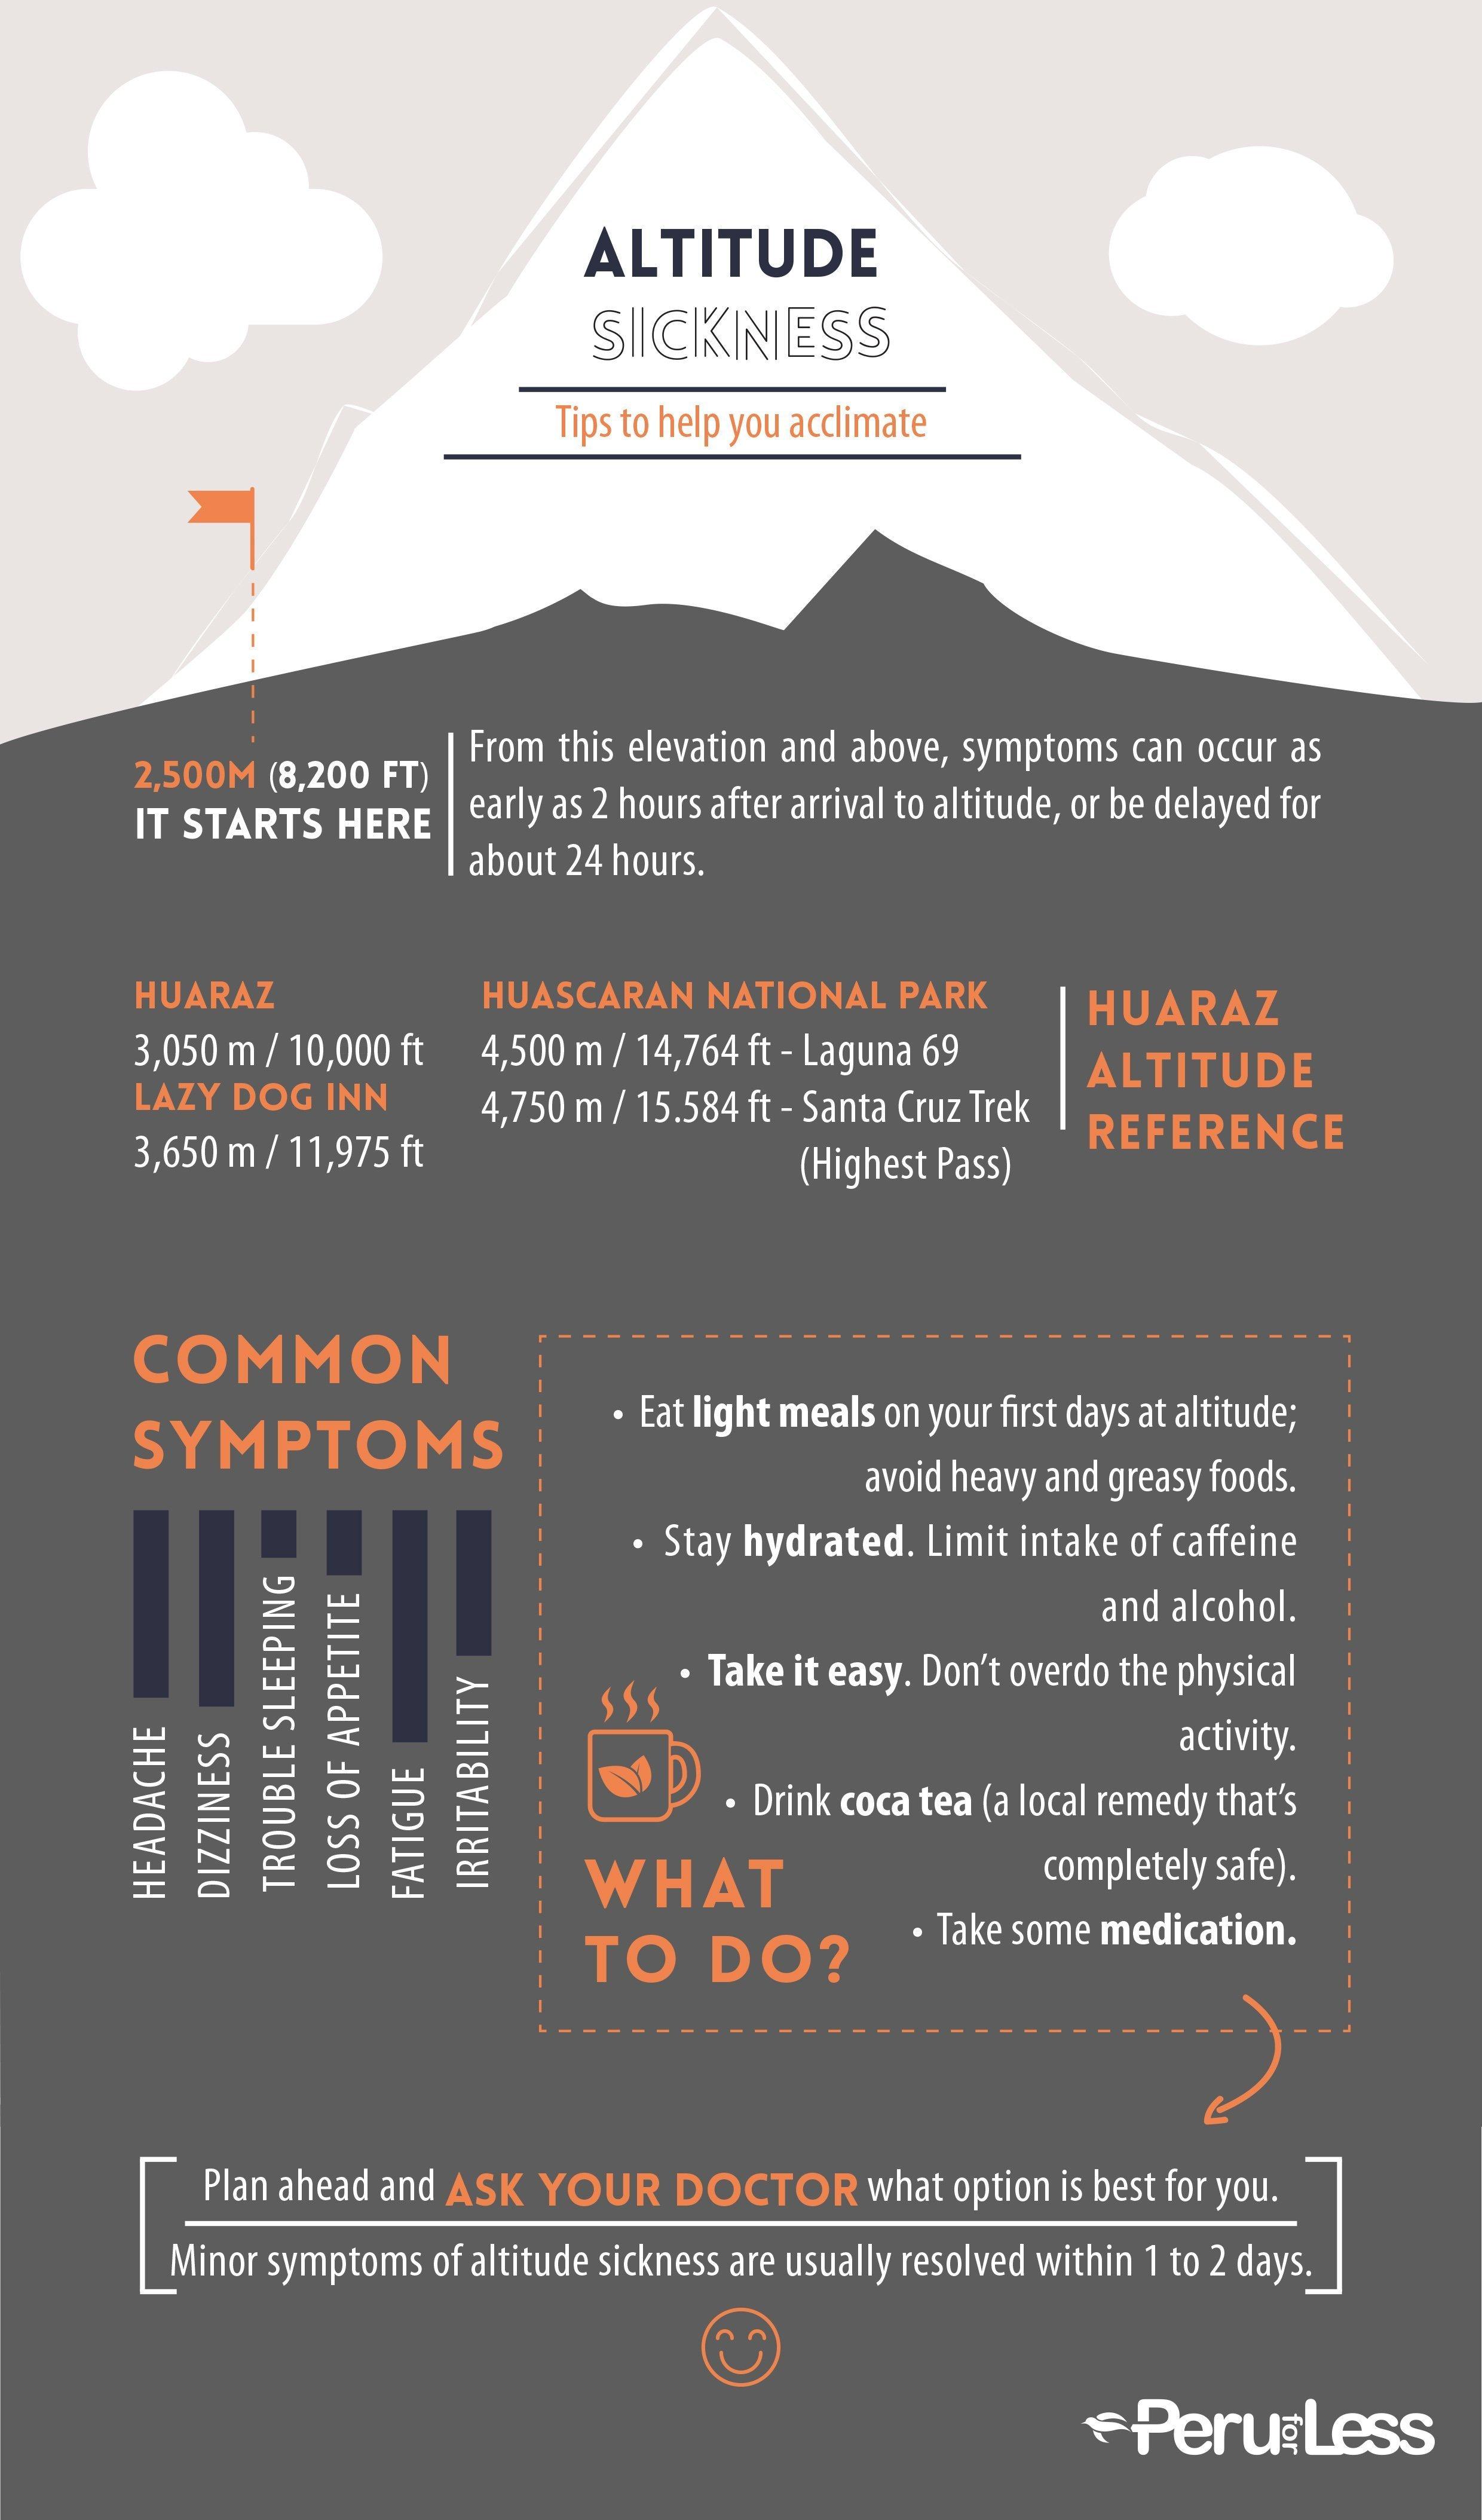 Acclimatization Guide for the Huaraz area